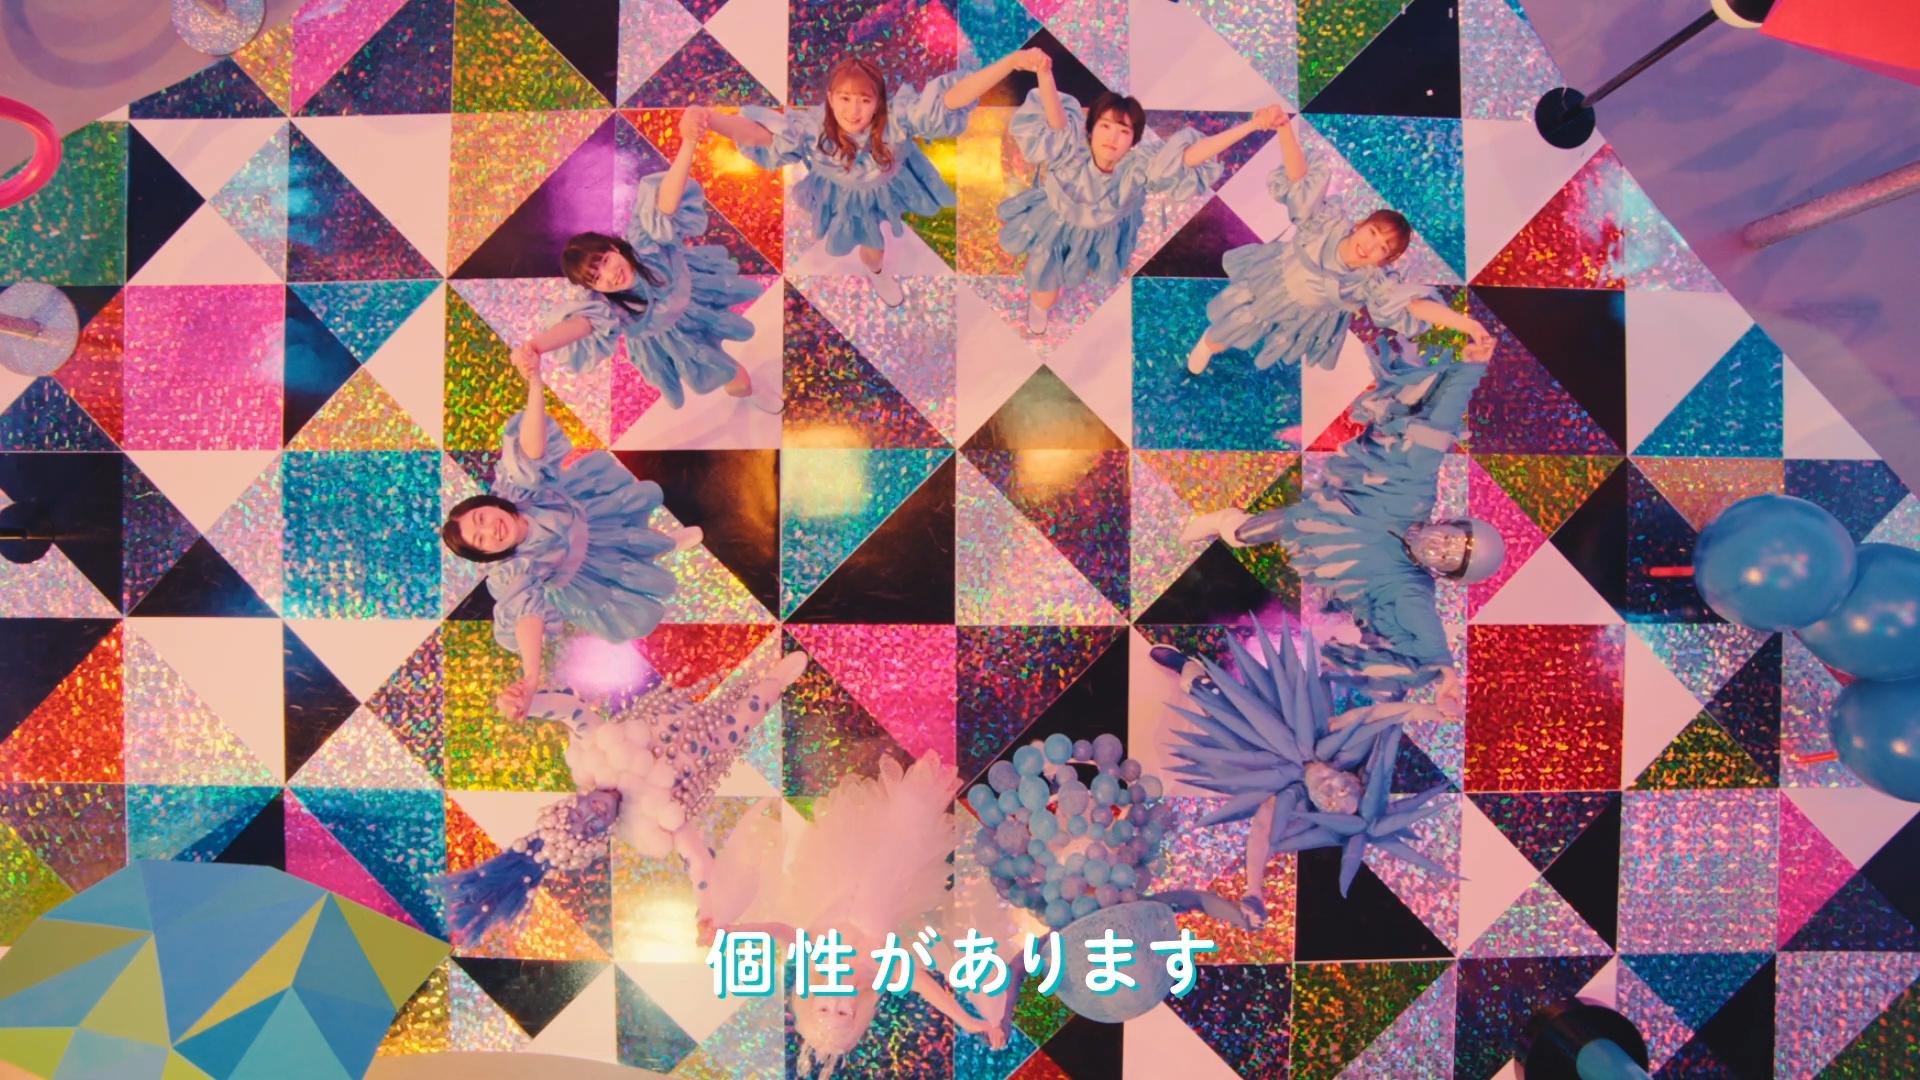 私立恵比寿中学(エビ中)水道水への愛を歌うWEB動画 『Sweet of Sweet~君に届くまで~』(ヒャダイン書き下ろしの楽曲)